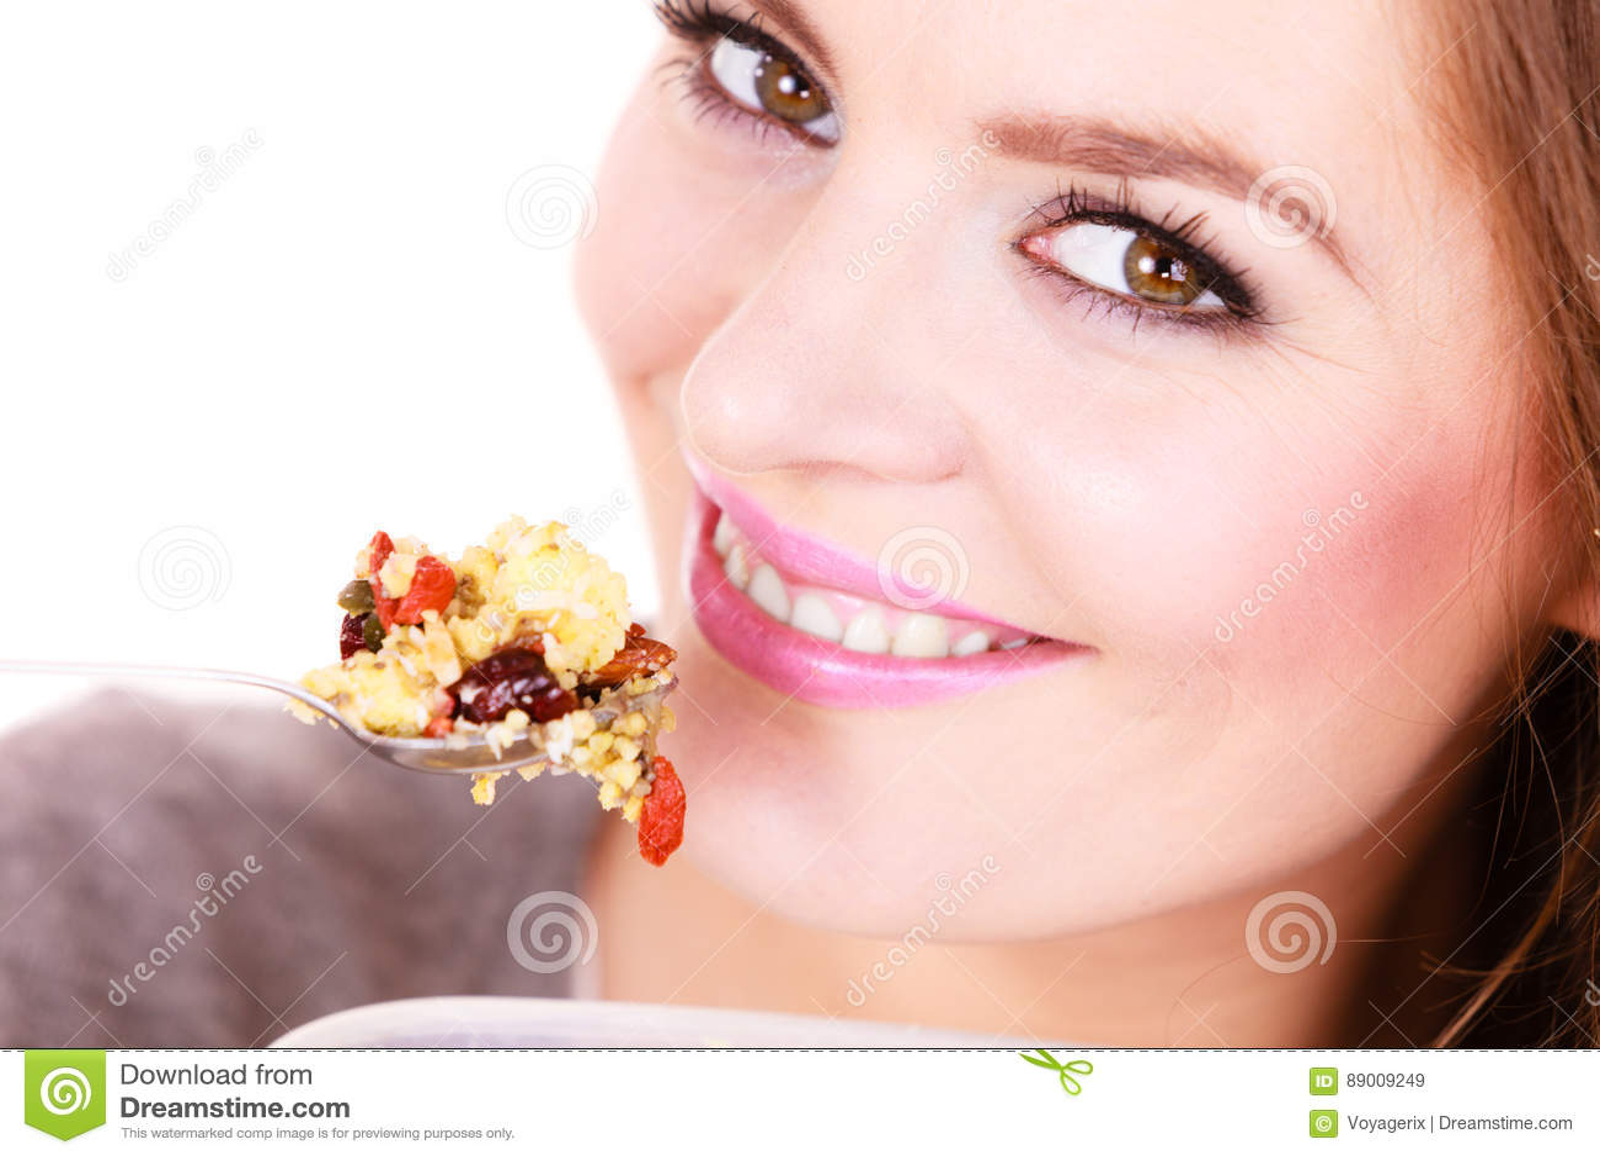 La mujer come la harina de avena con las frutas secas dieting